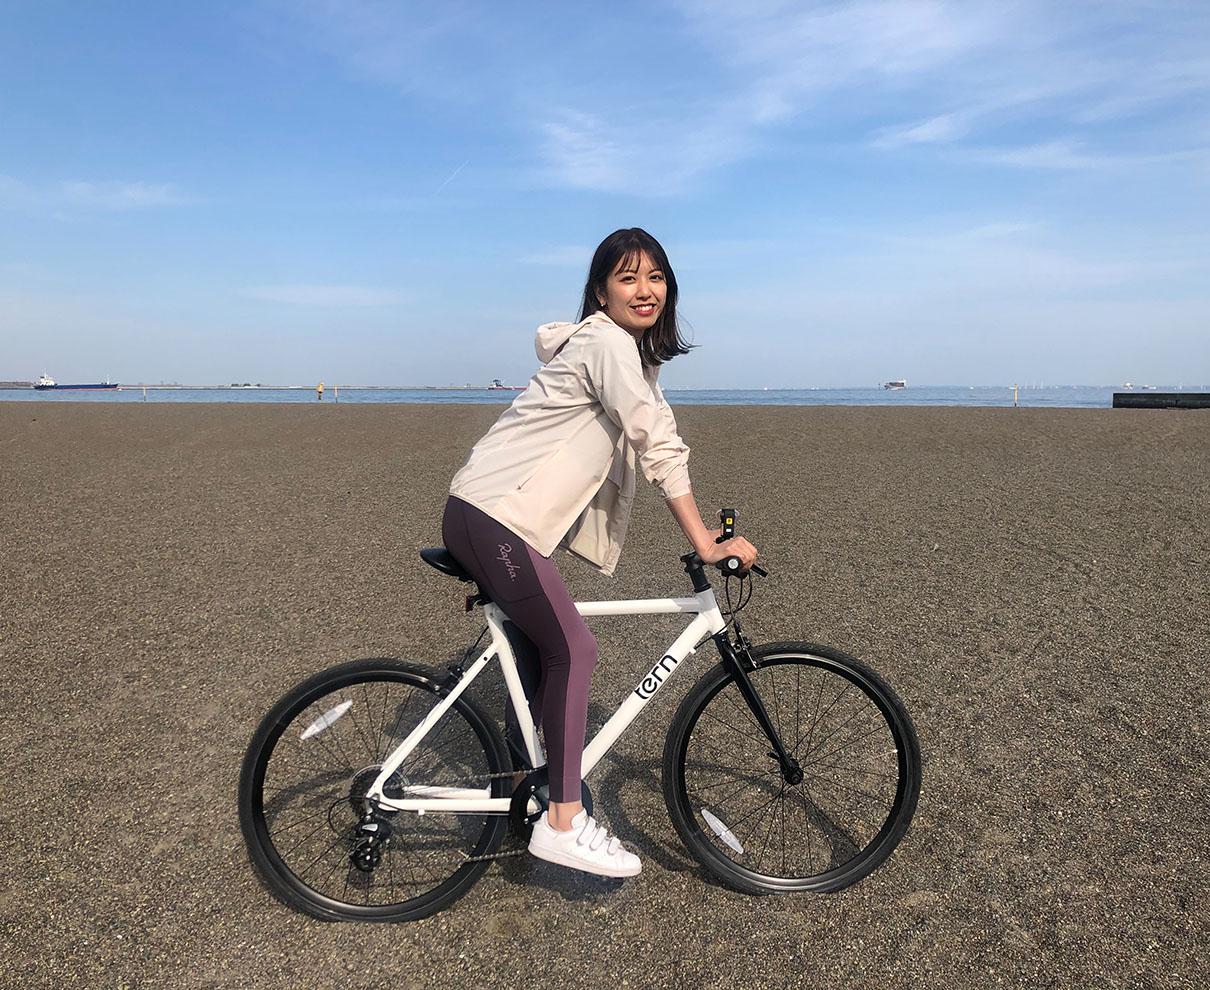 クロスバイクにチャレンジしたよ~。またまた趣味が増えそうな予感がします。